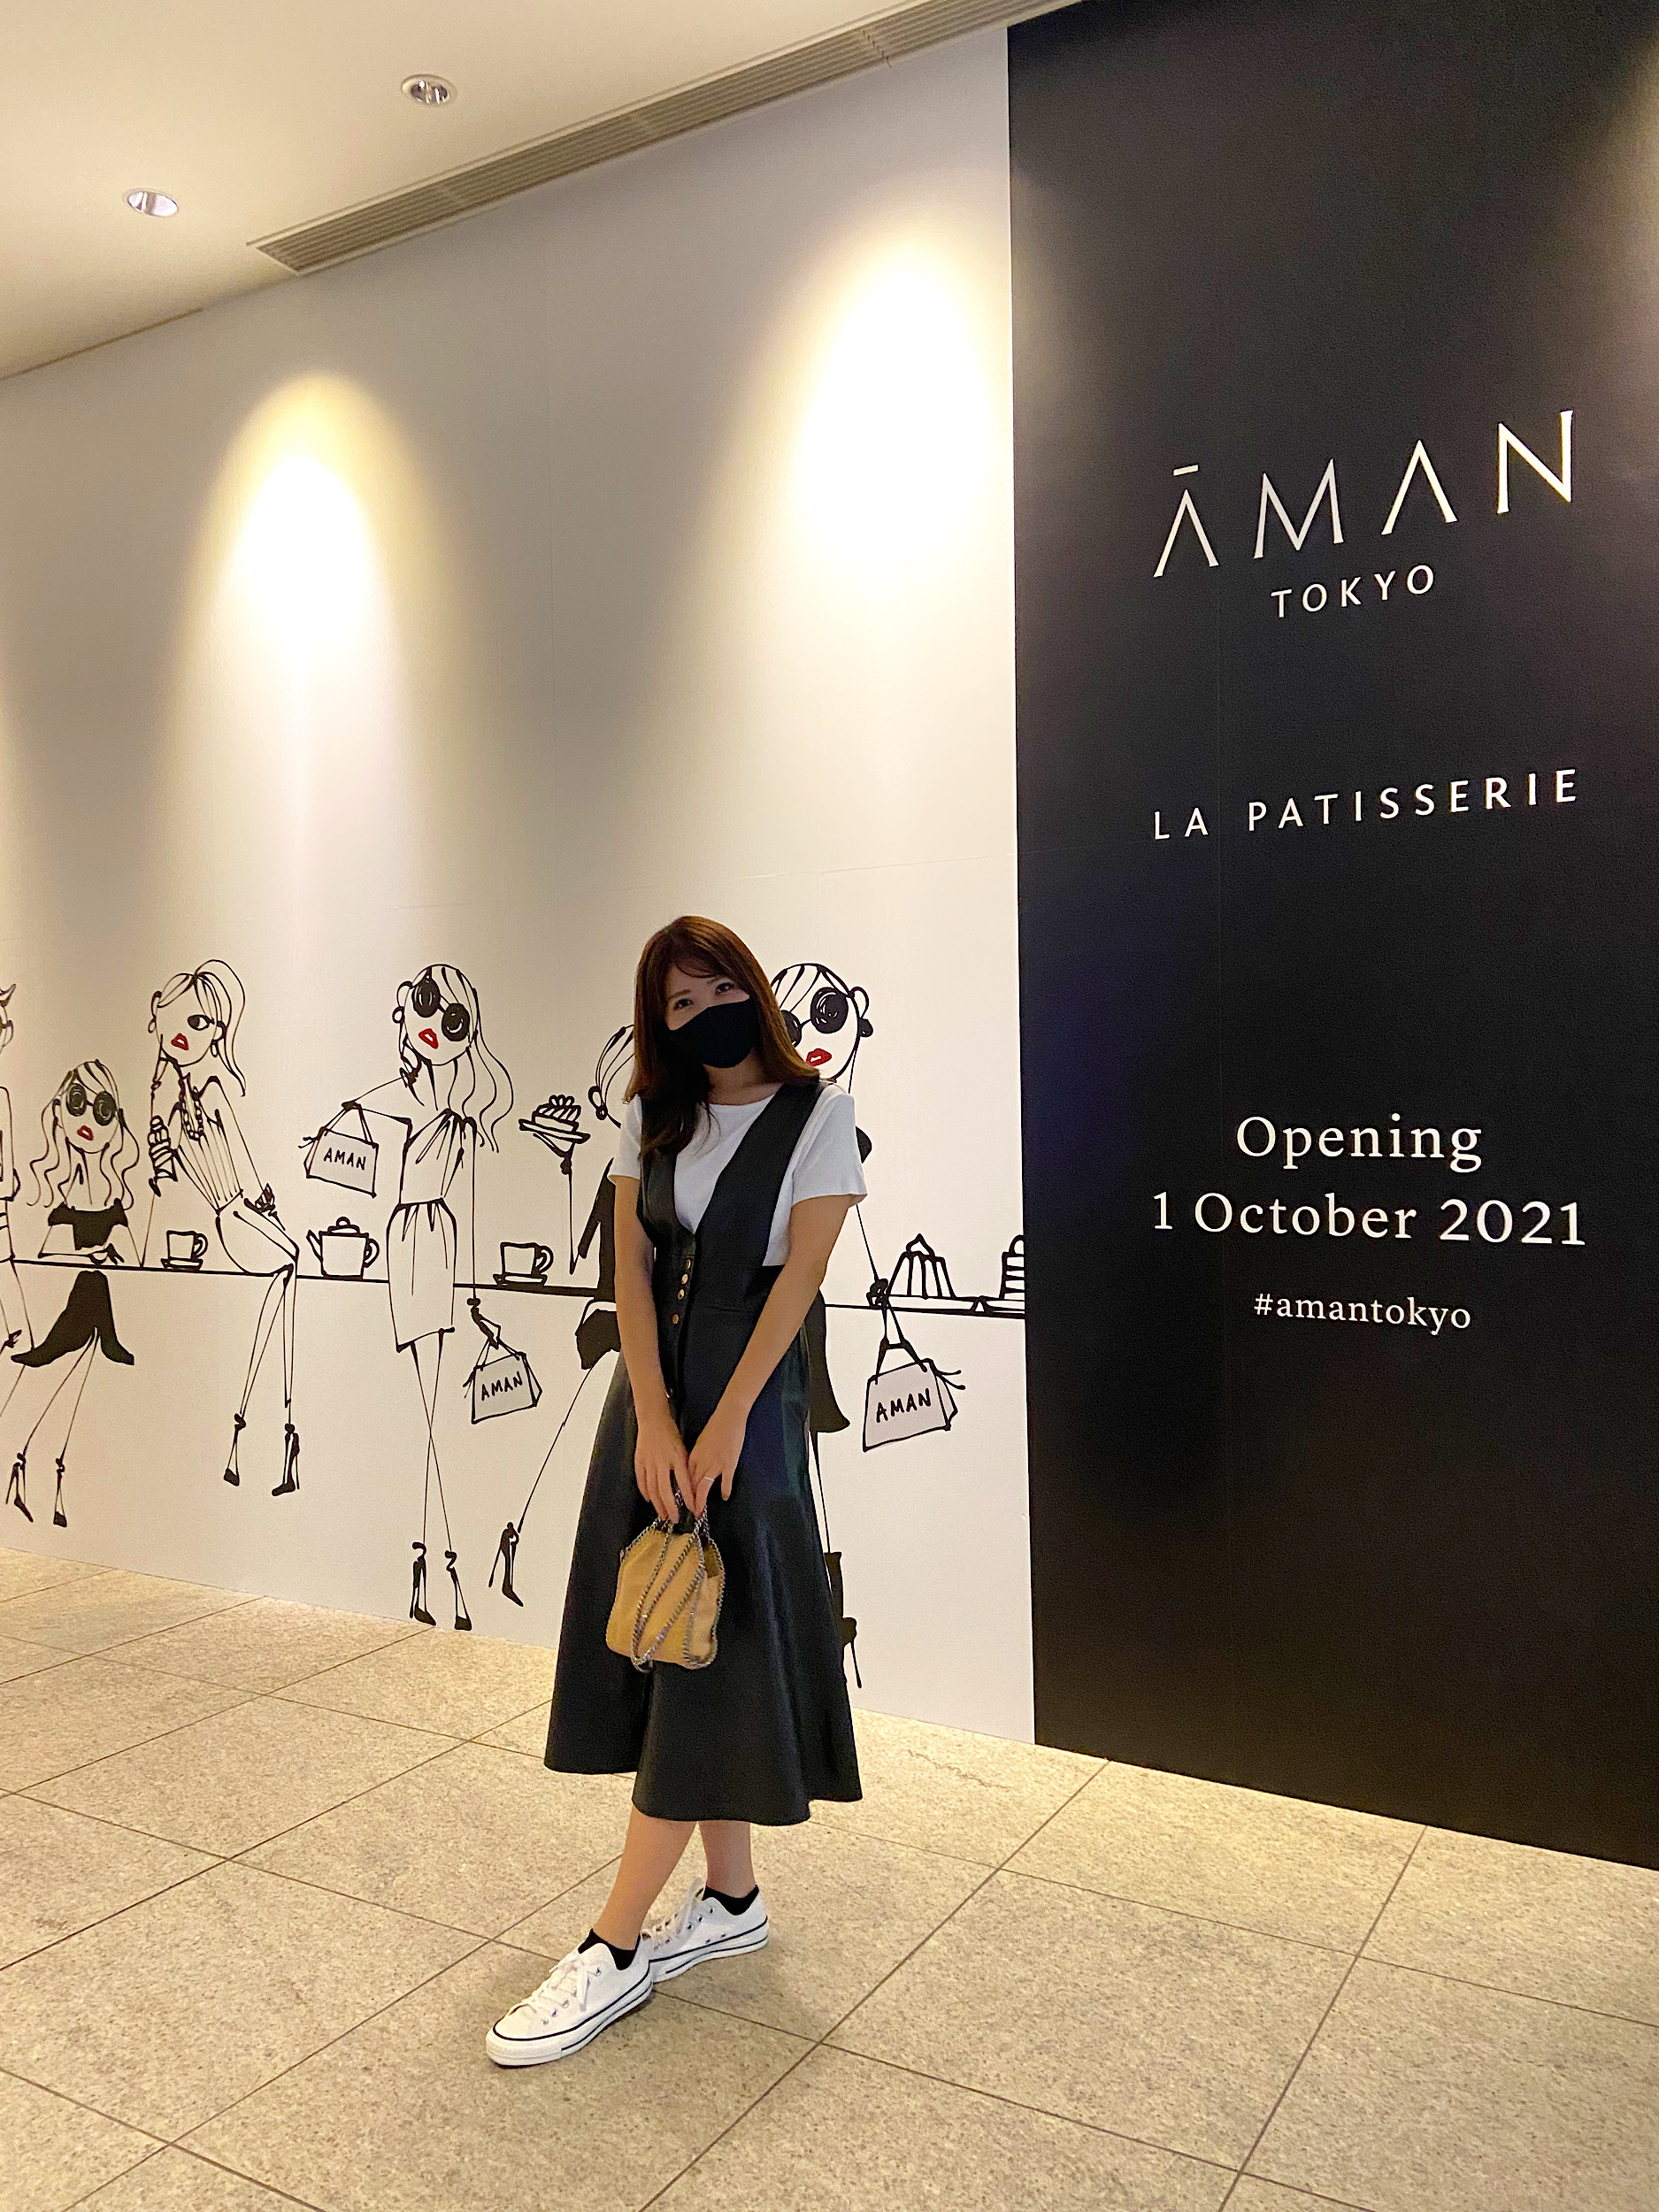 【AMAN東京×三浦大地】オープン前限定の壁が映えると話題に♡_4